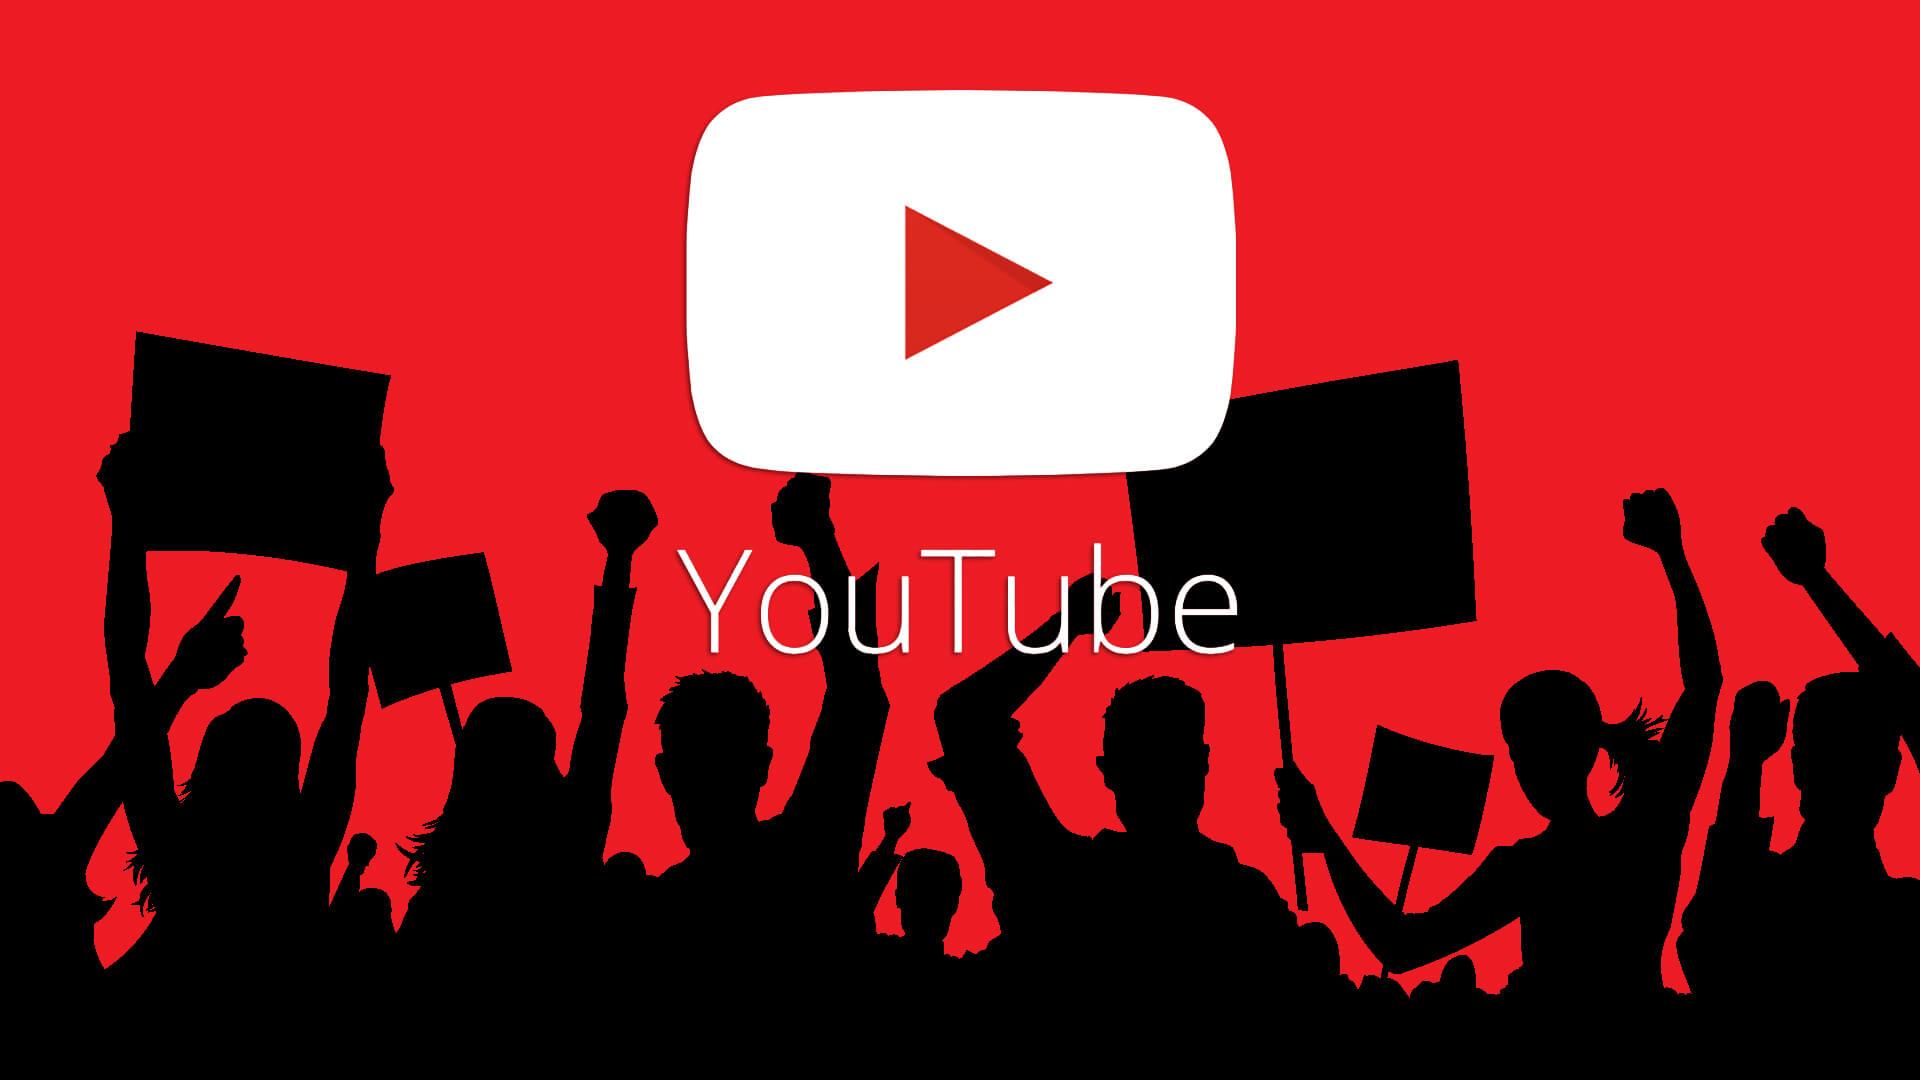 Выручка YouTube в России сравнялась с выручкой соцсетей